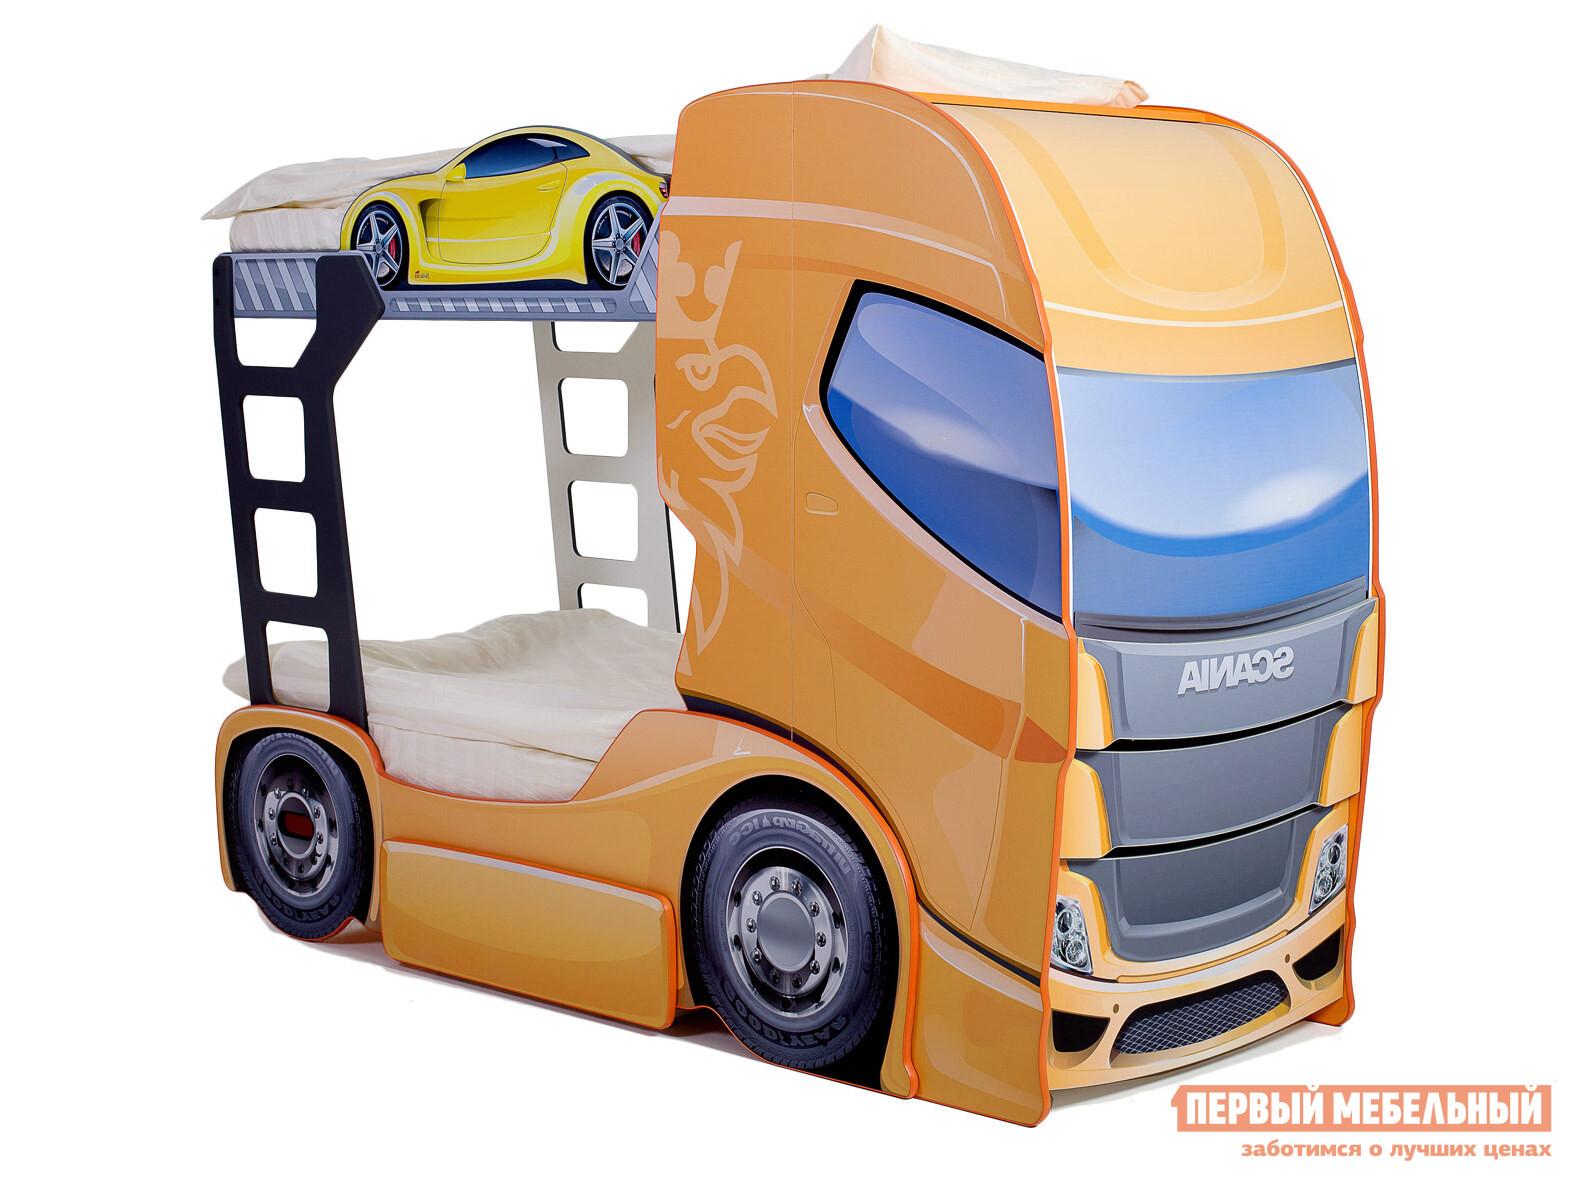 Детская двухъярусная кровать-машина Bed-mobile Скания+2 детская двухъярусная кровать с рабочей зоной боровичи кровать детская двухъярусная трансформер с ящиком и столиком